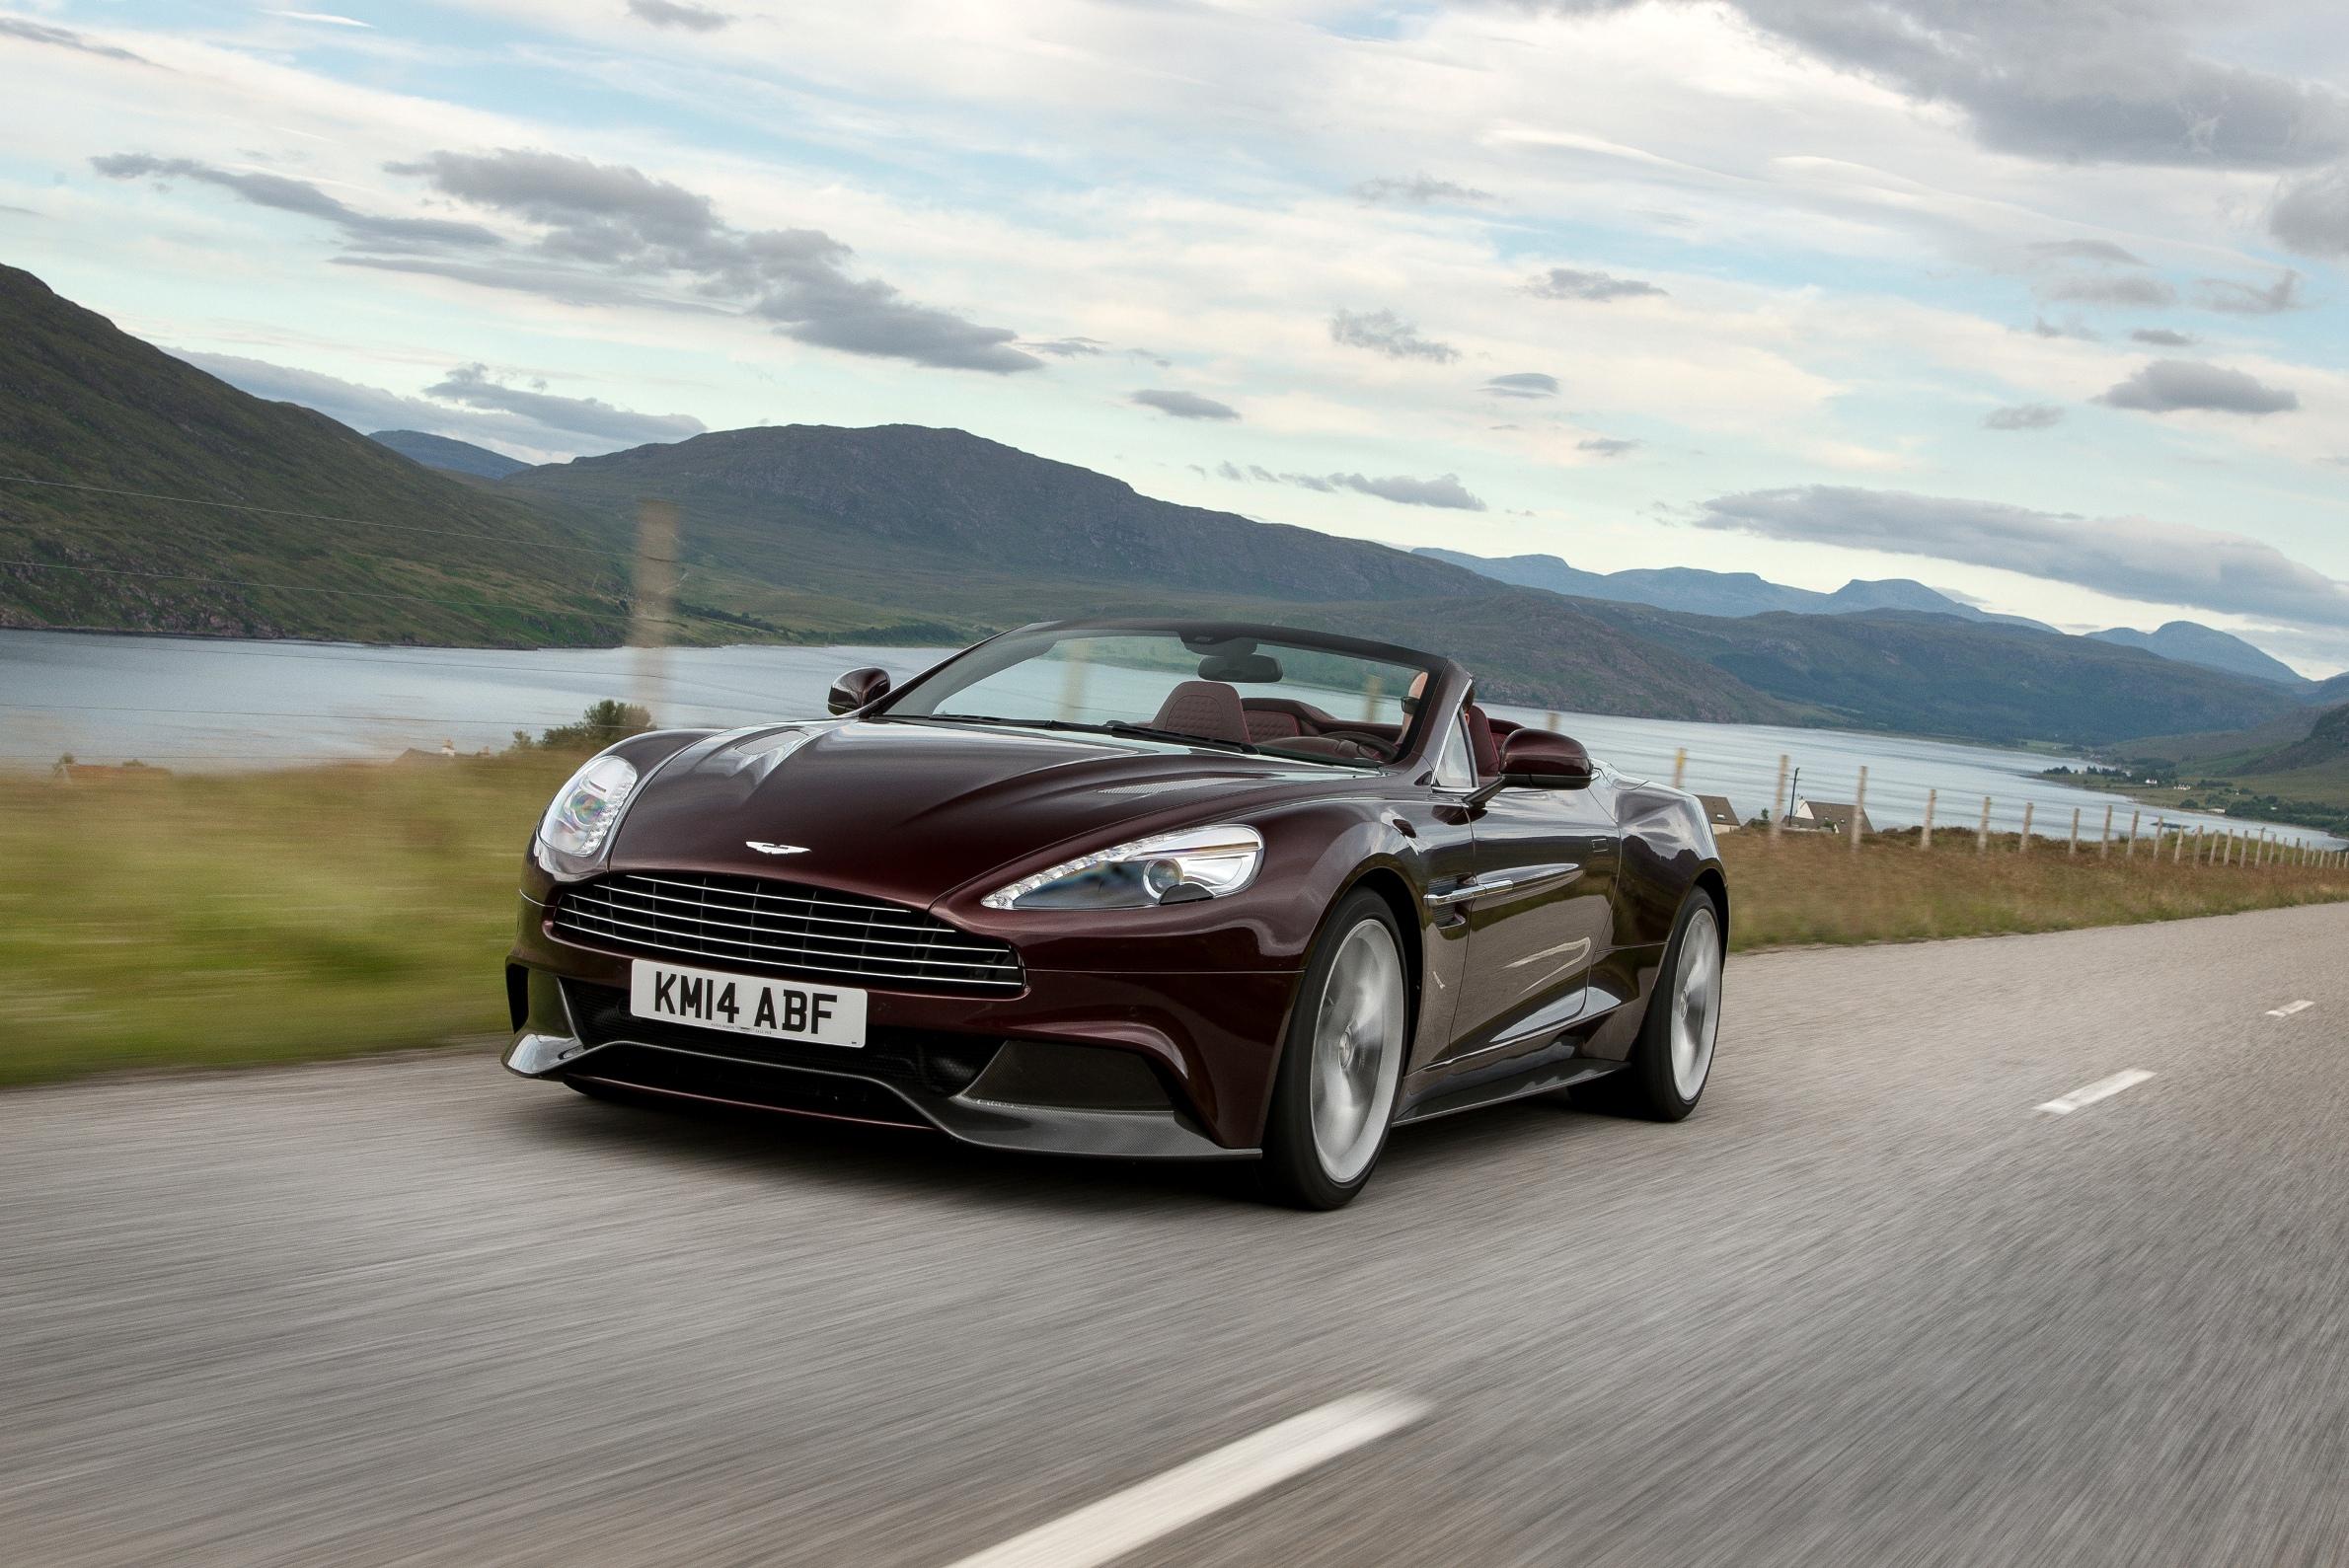 2015 Aston Martin Works 60th Anniversary Vanquish